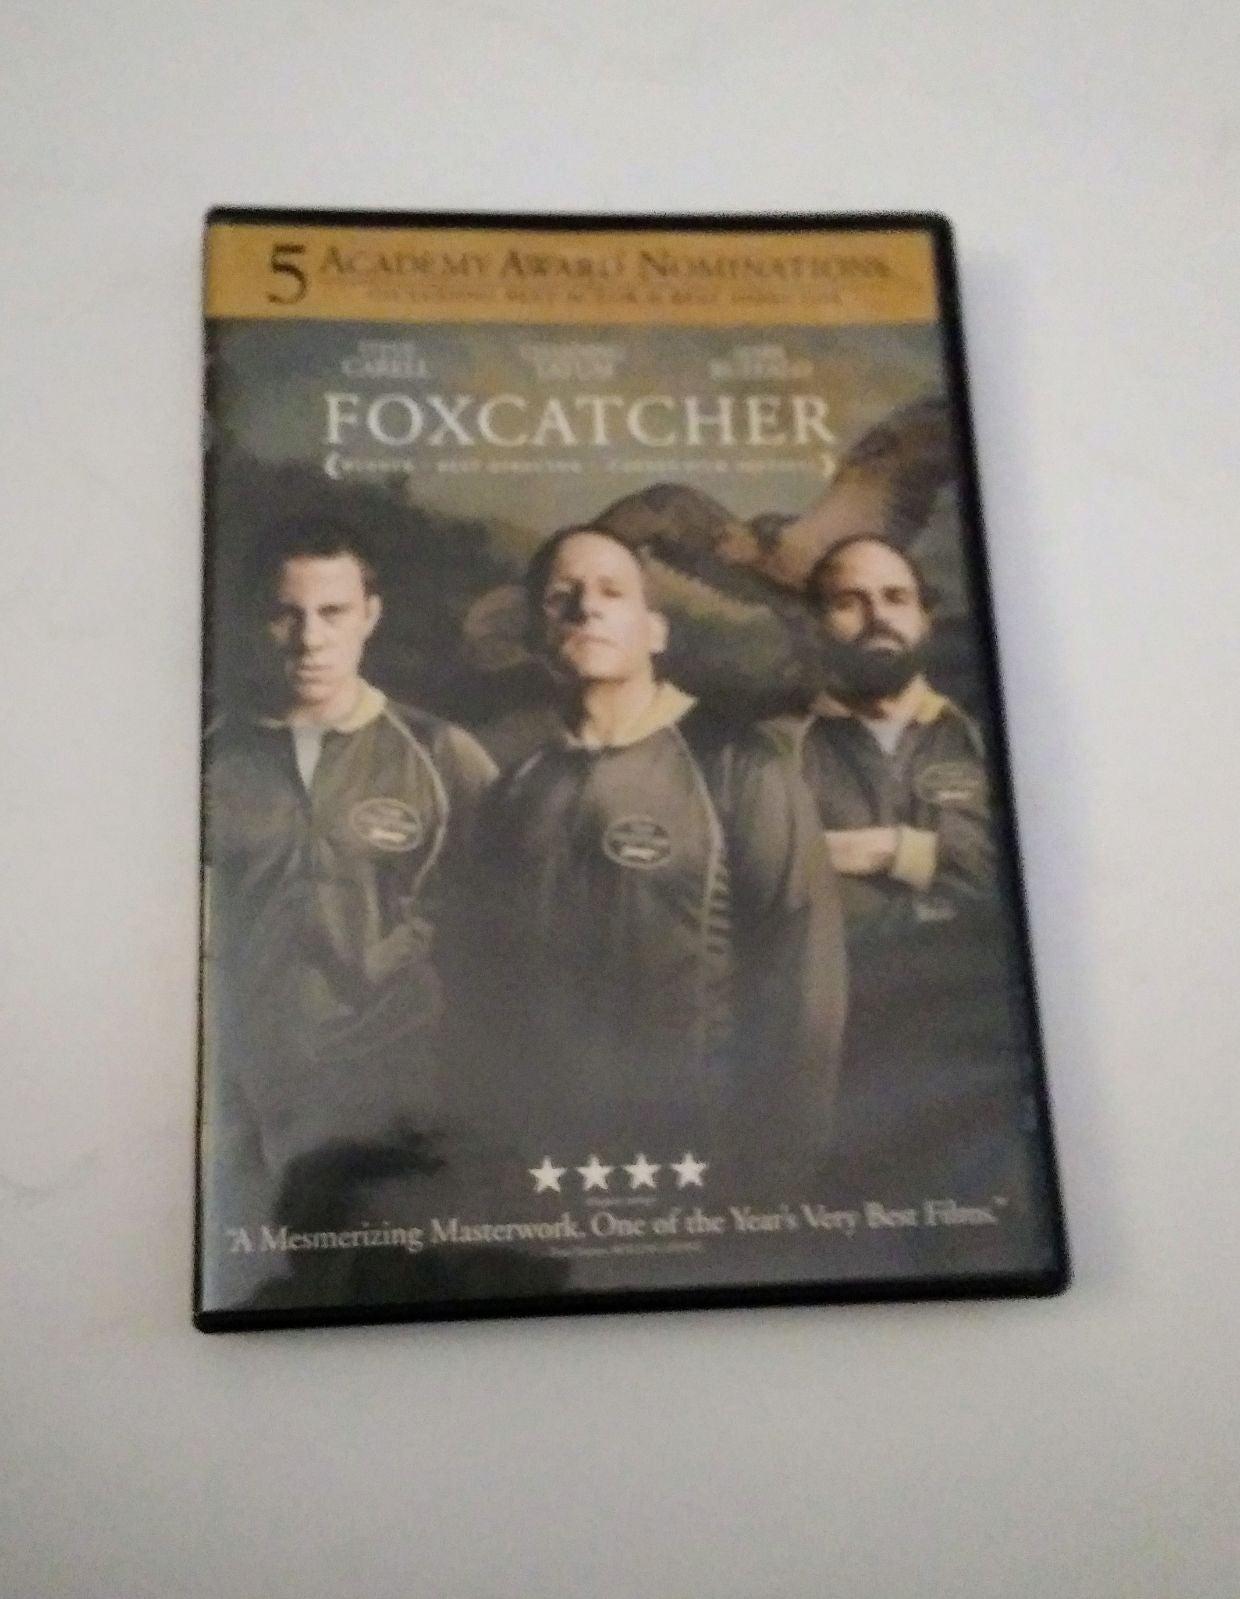 FoxCatcher 5 Academy Award DVD